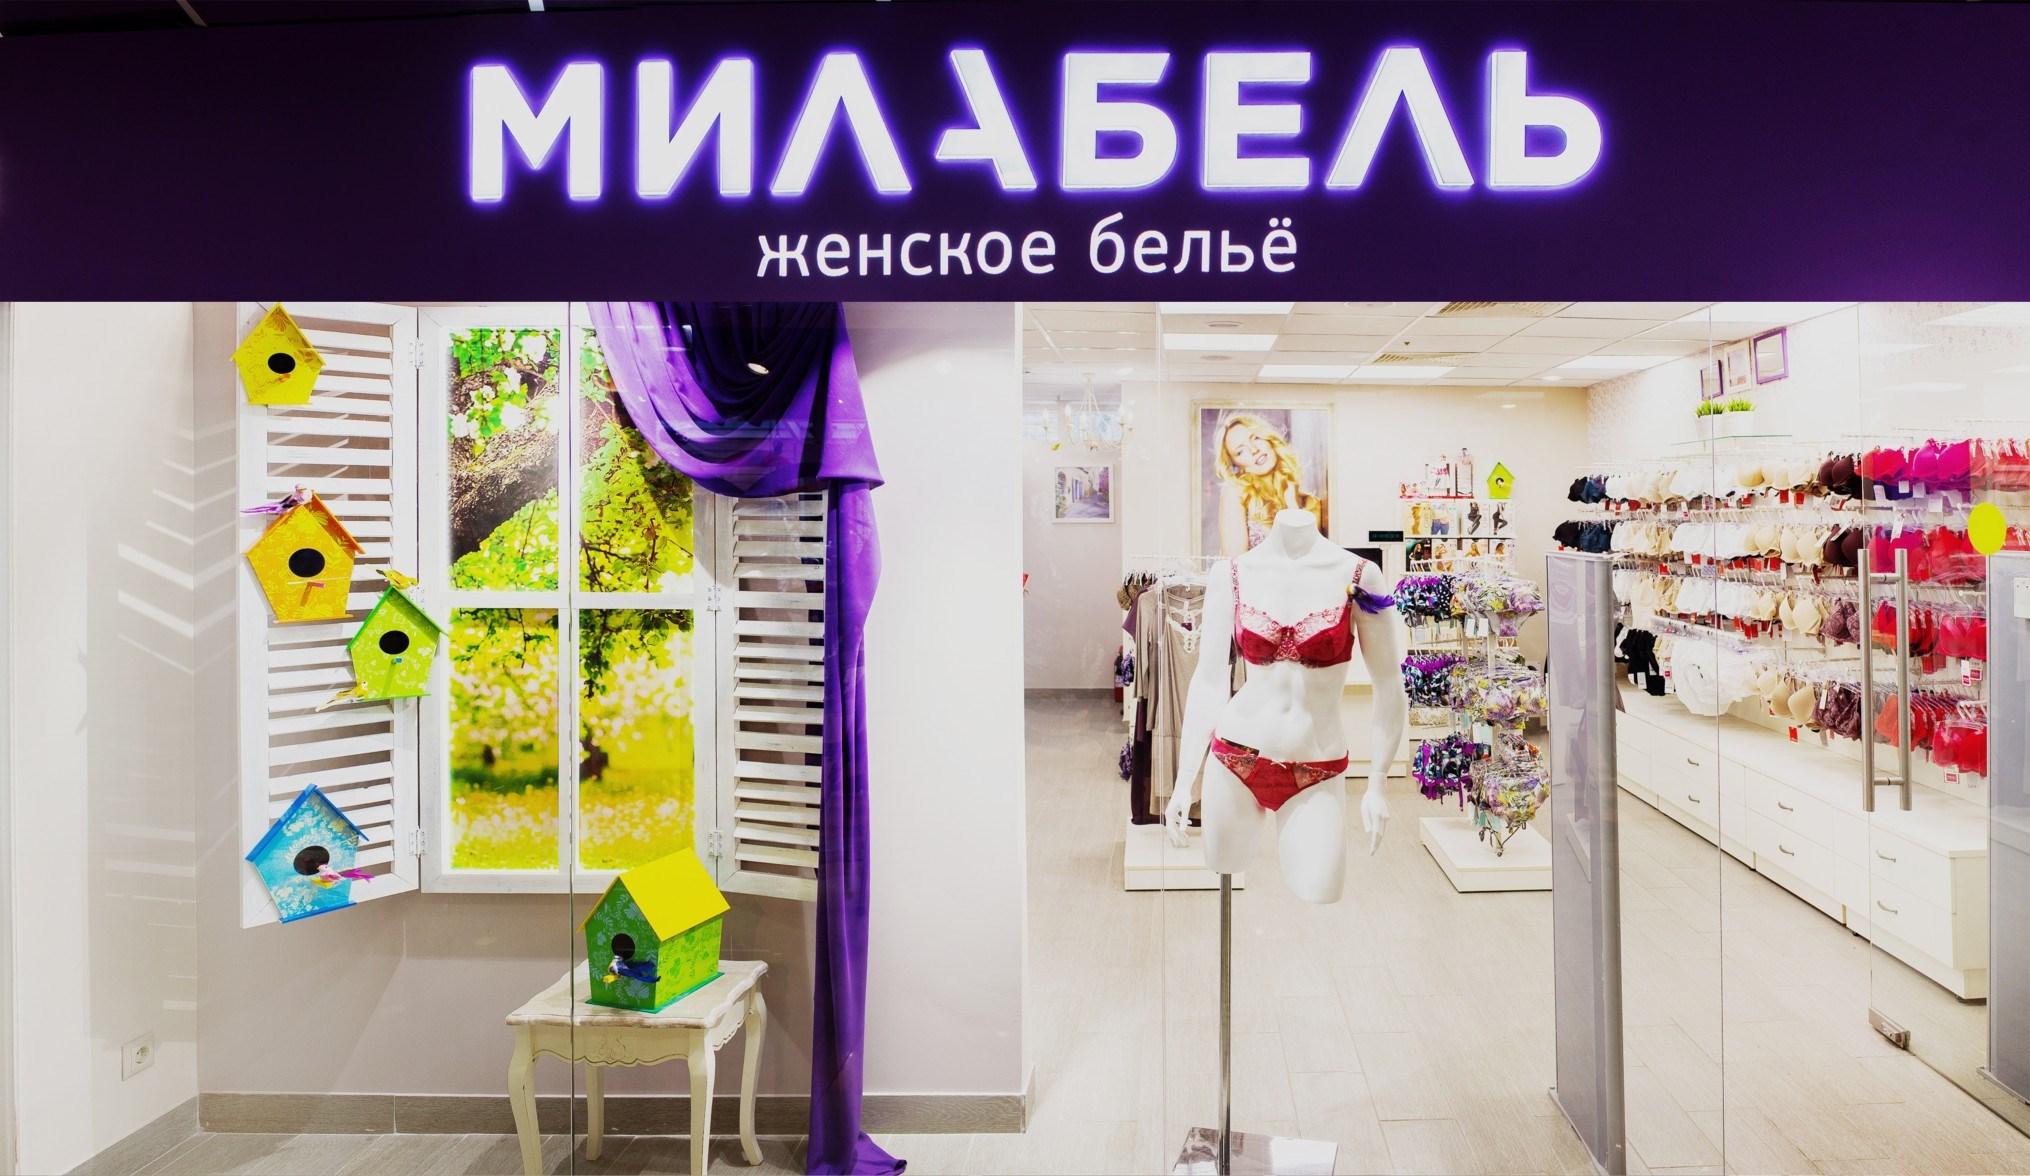 Адрес магазины женского белья ашан женское белье каталог нижнее